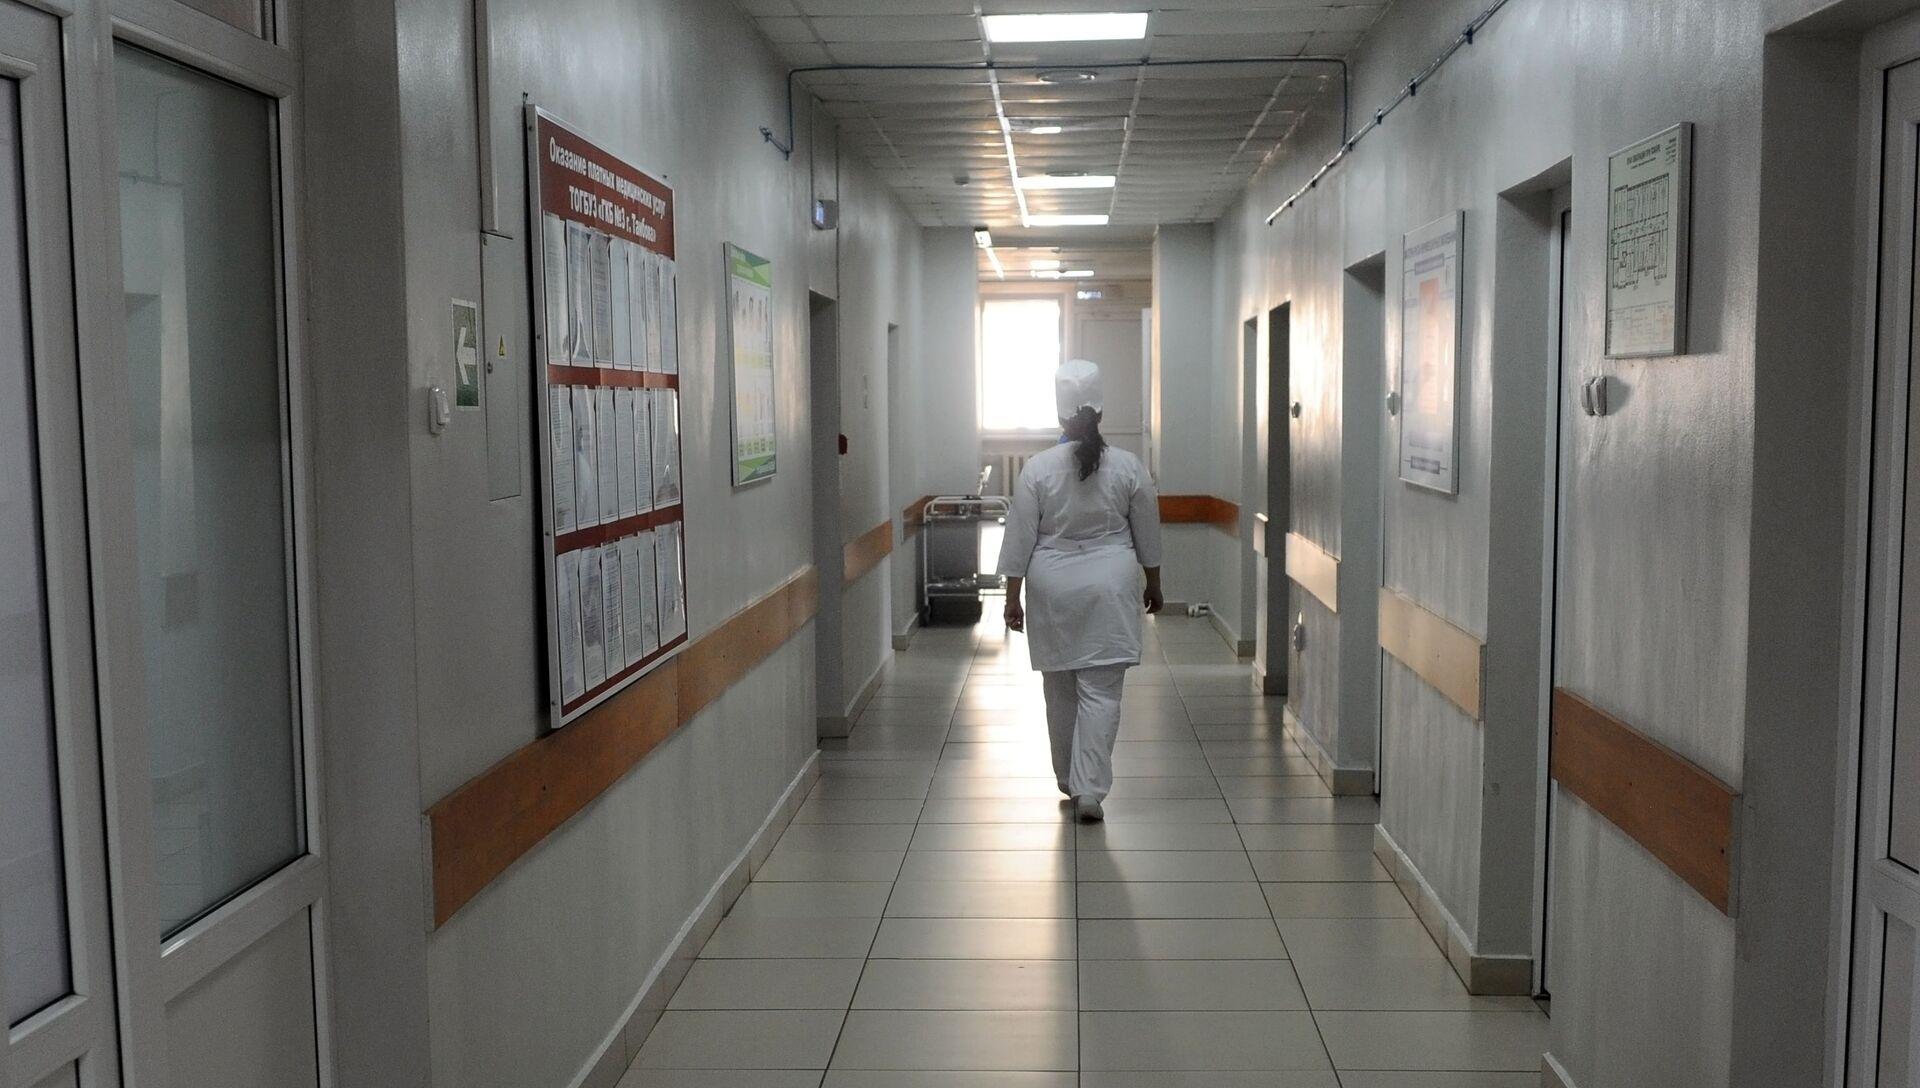 Медицинская сестра идет по коридору больницы - РИА Новости, 1920, 18.02.2021